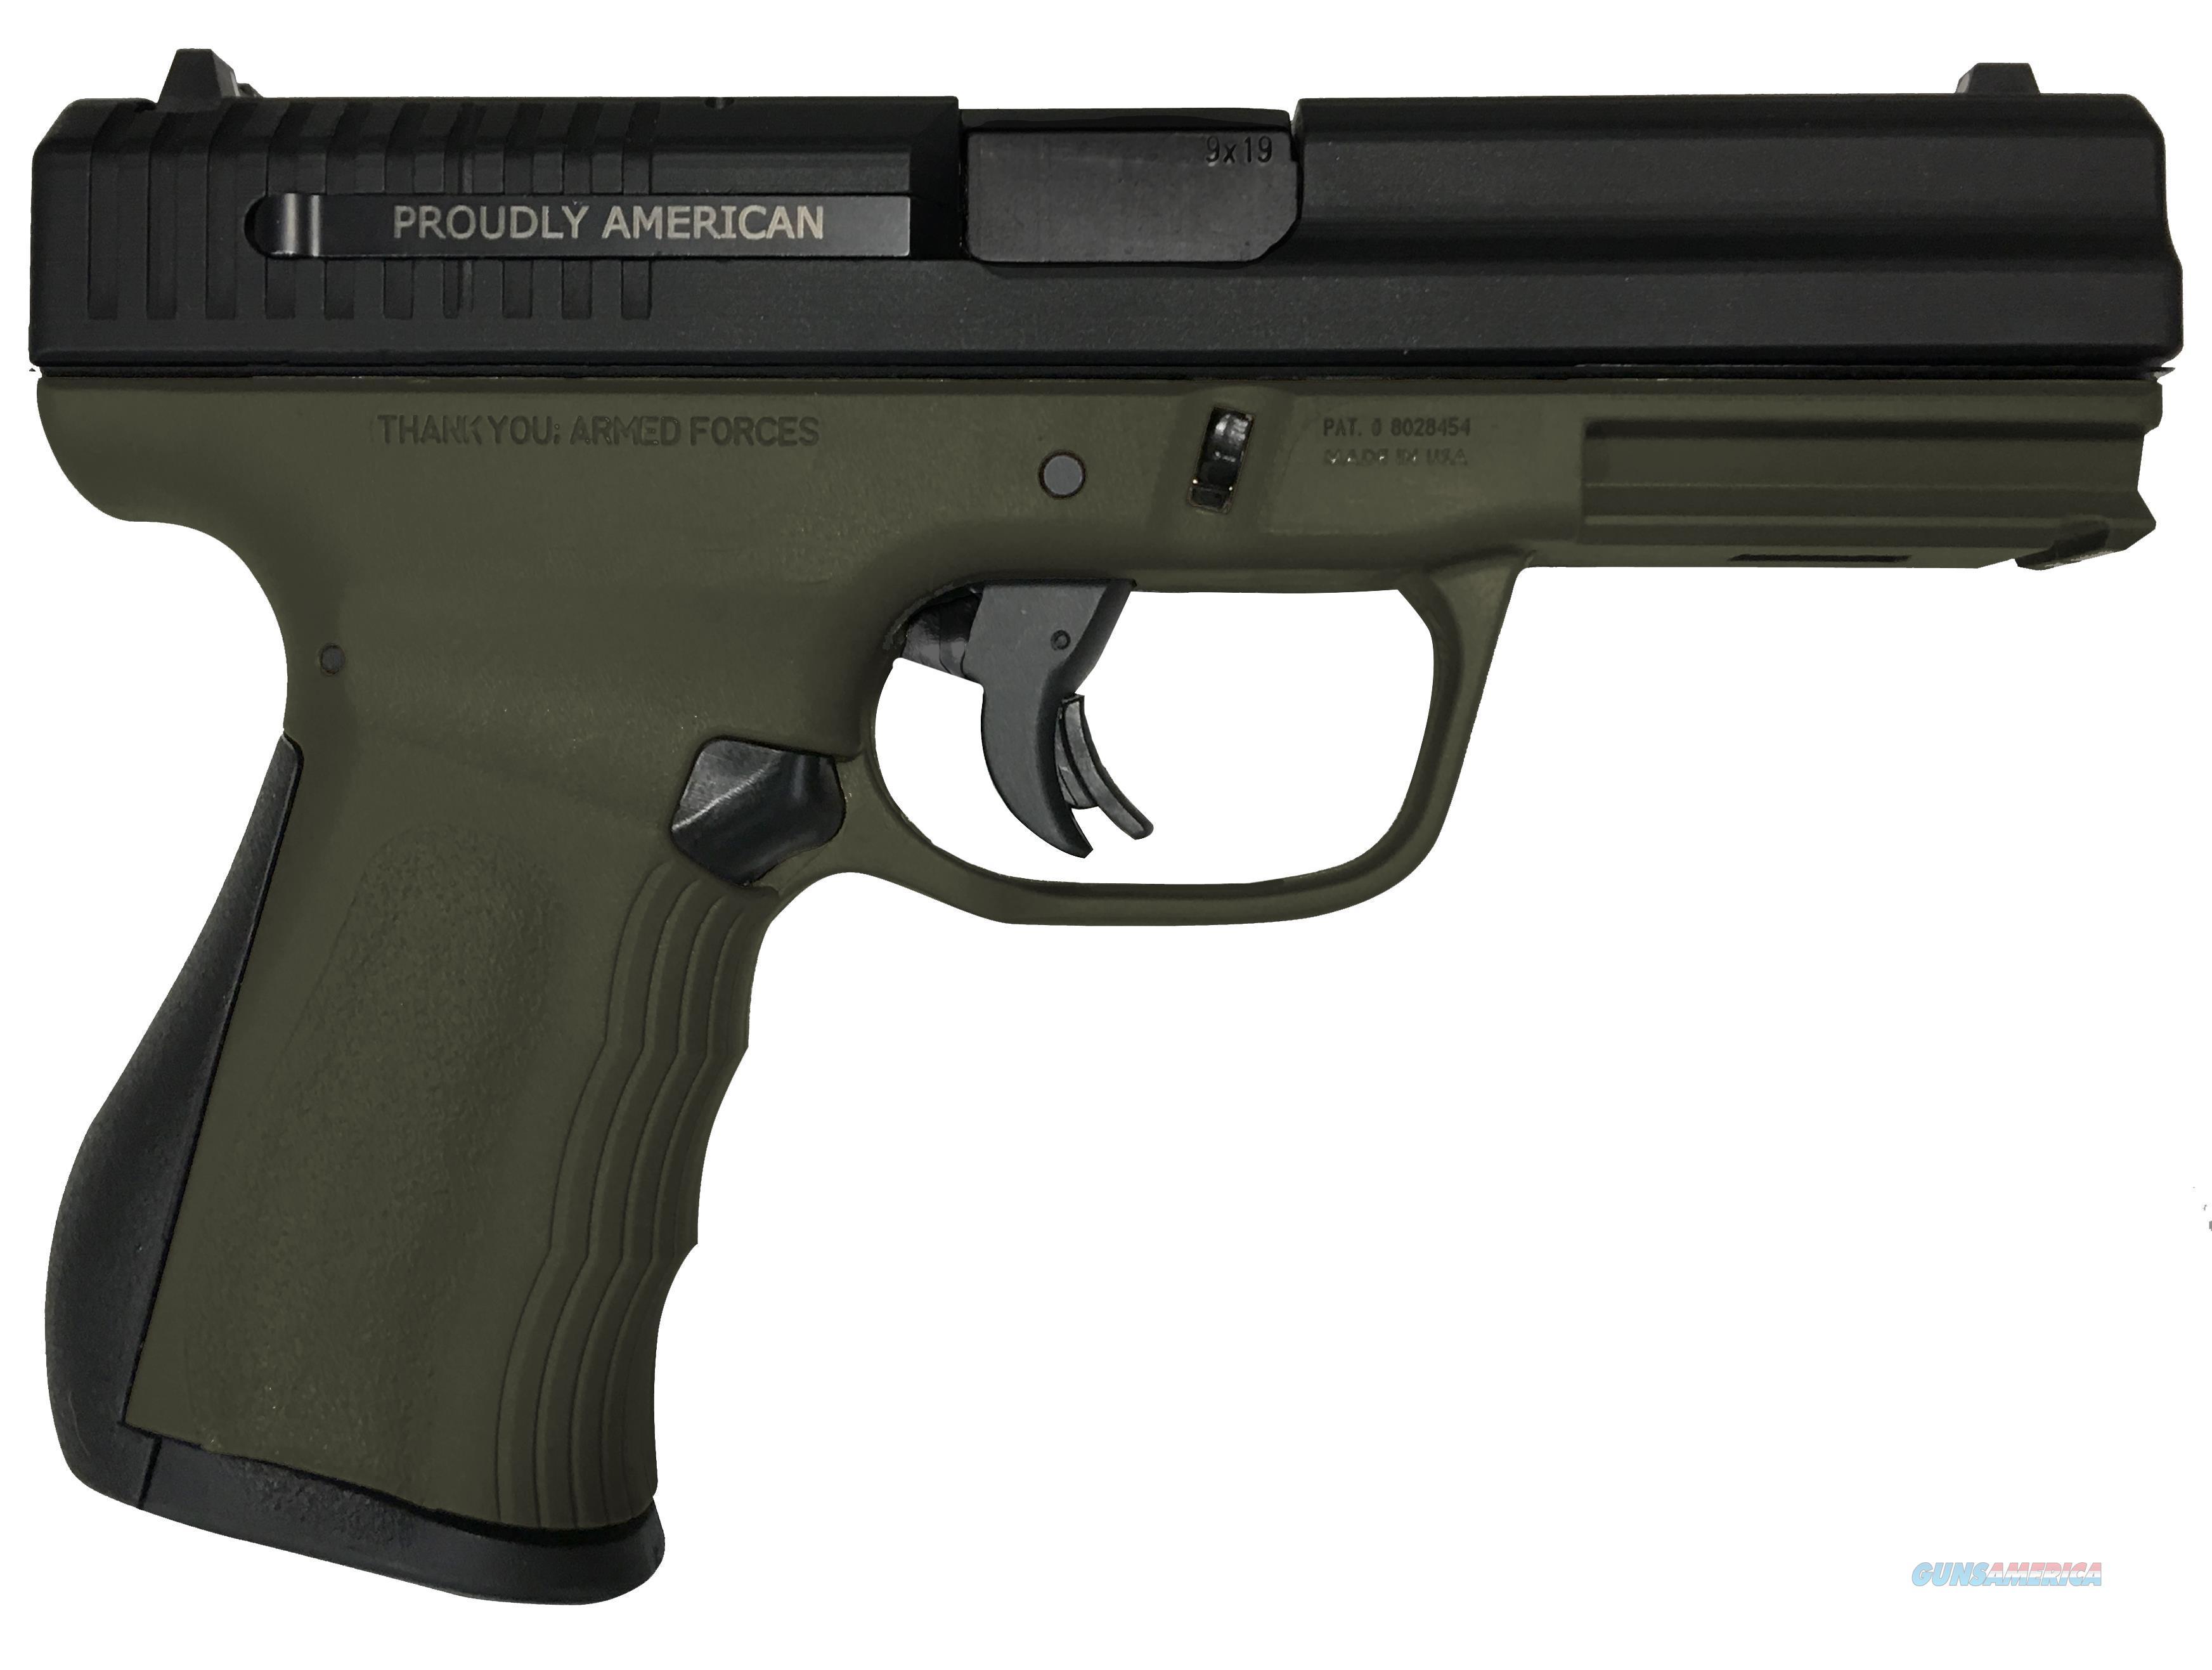 """Fmk Firearms G9c1g2od 9C1 G2 Fat Single 9Mm Luger 4"""" 14+1 Od Green Polymer Grip/Frame Black Carbon Steel FMKG9C1G2OD  Guns > Pistols > F Misc Pistols"""